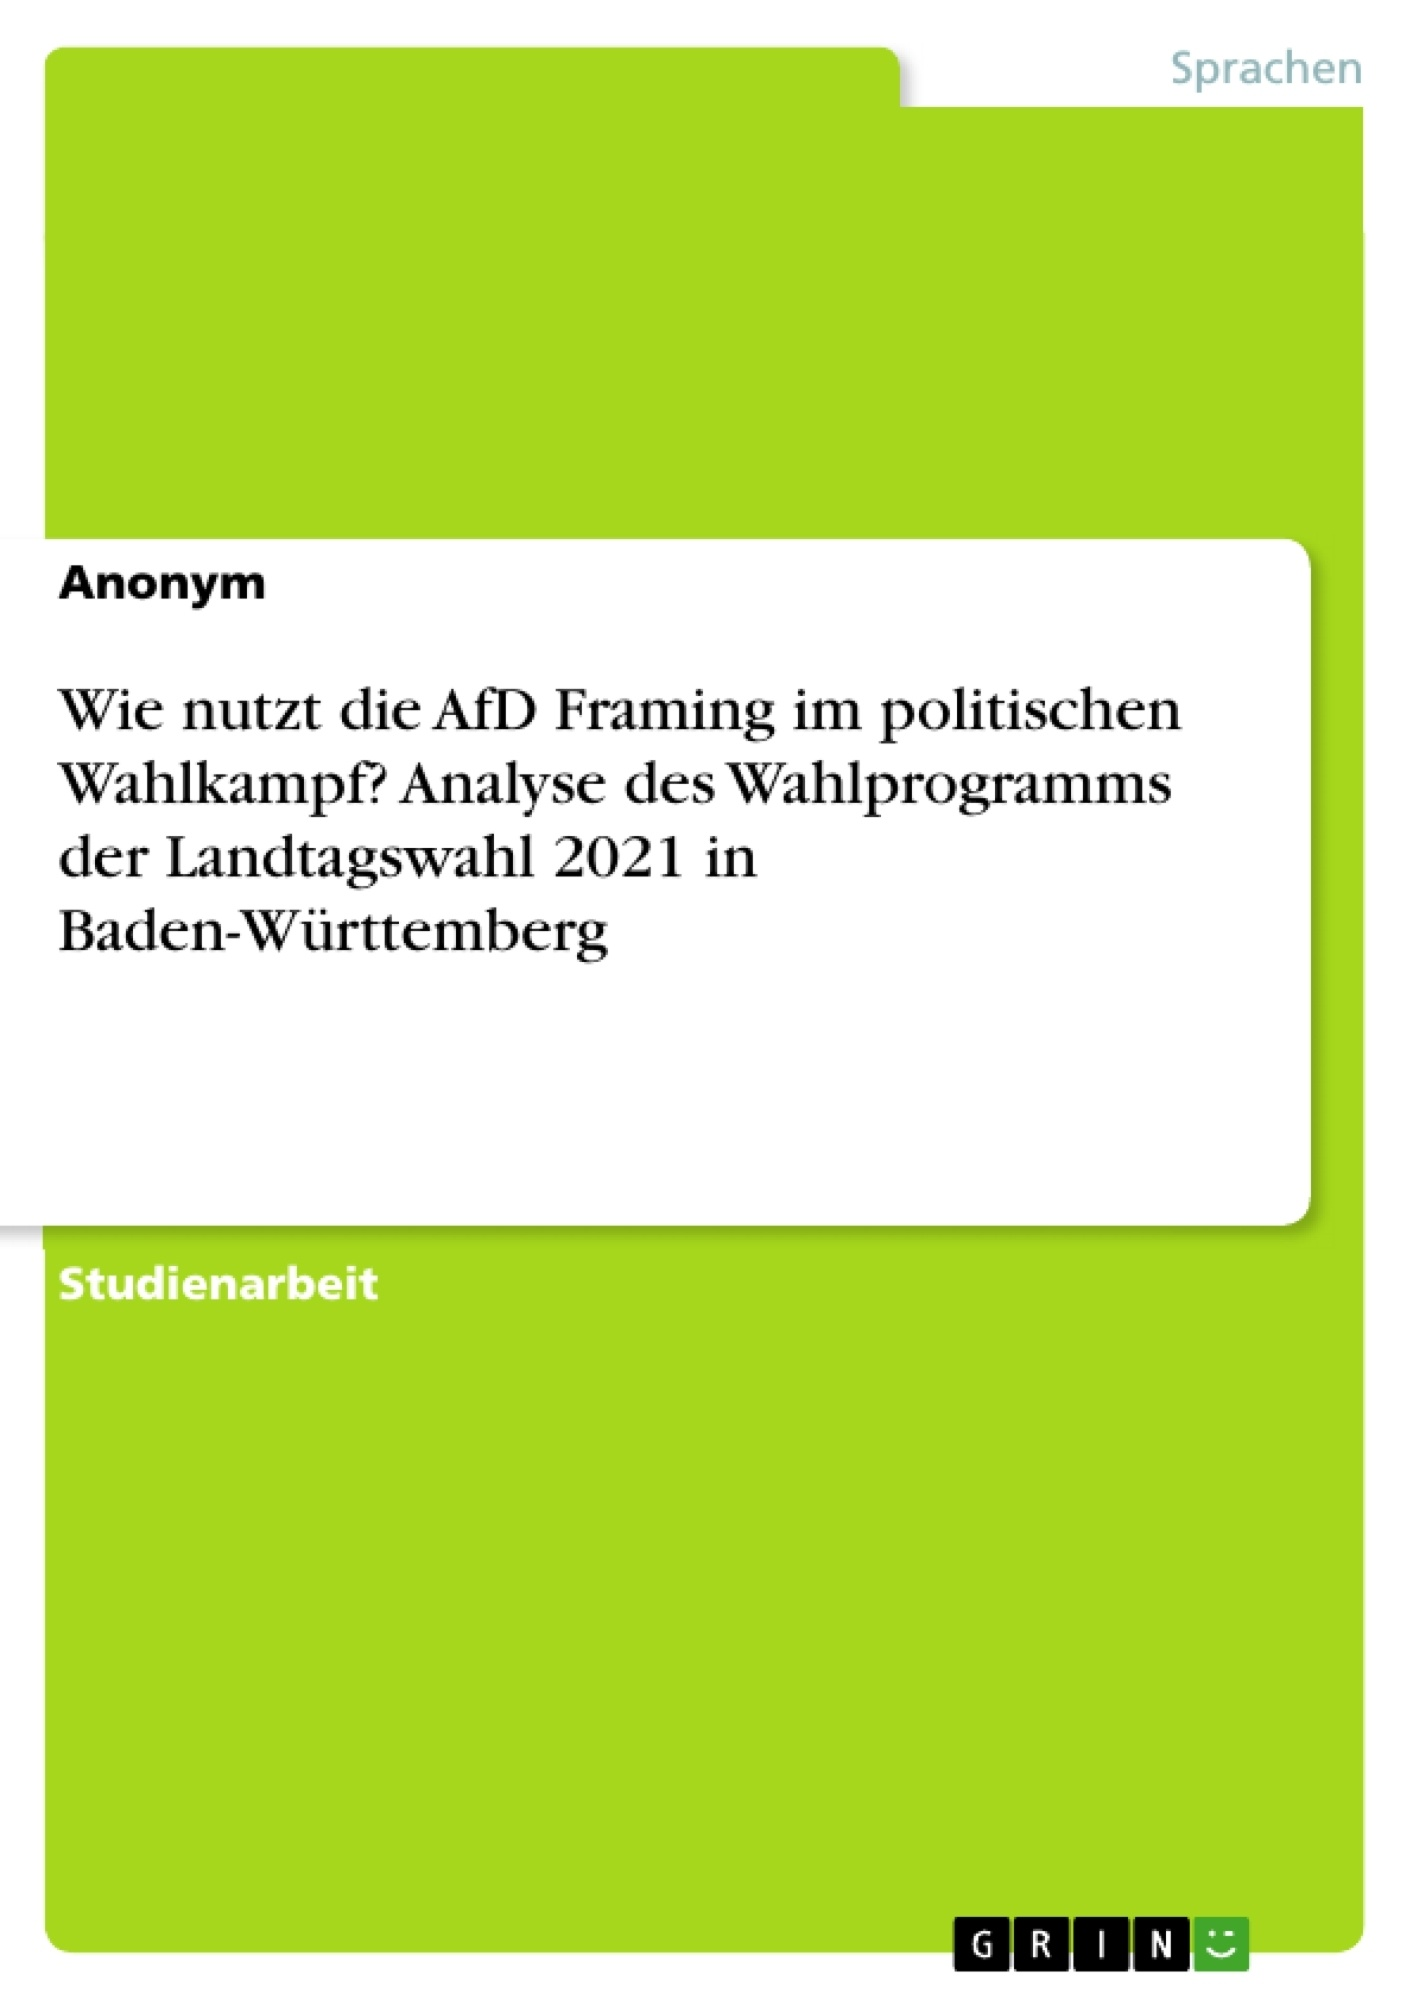 Titel: Wie nutzt die AfD Framing im politischen Wahlkampf? Analyse des Wahlprogramms der Landtagswahl 2021 in Baden-Württemberg